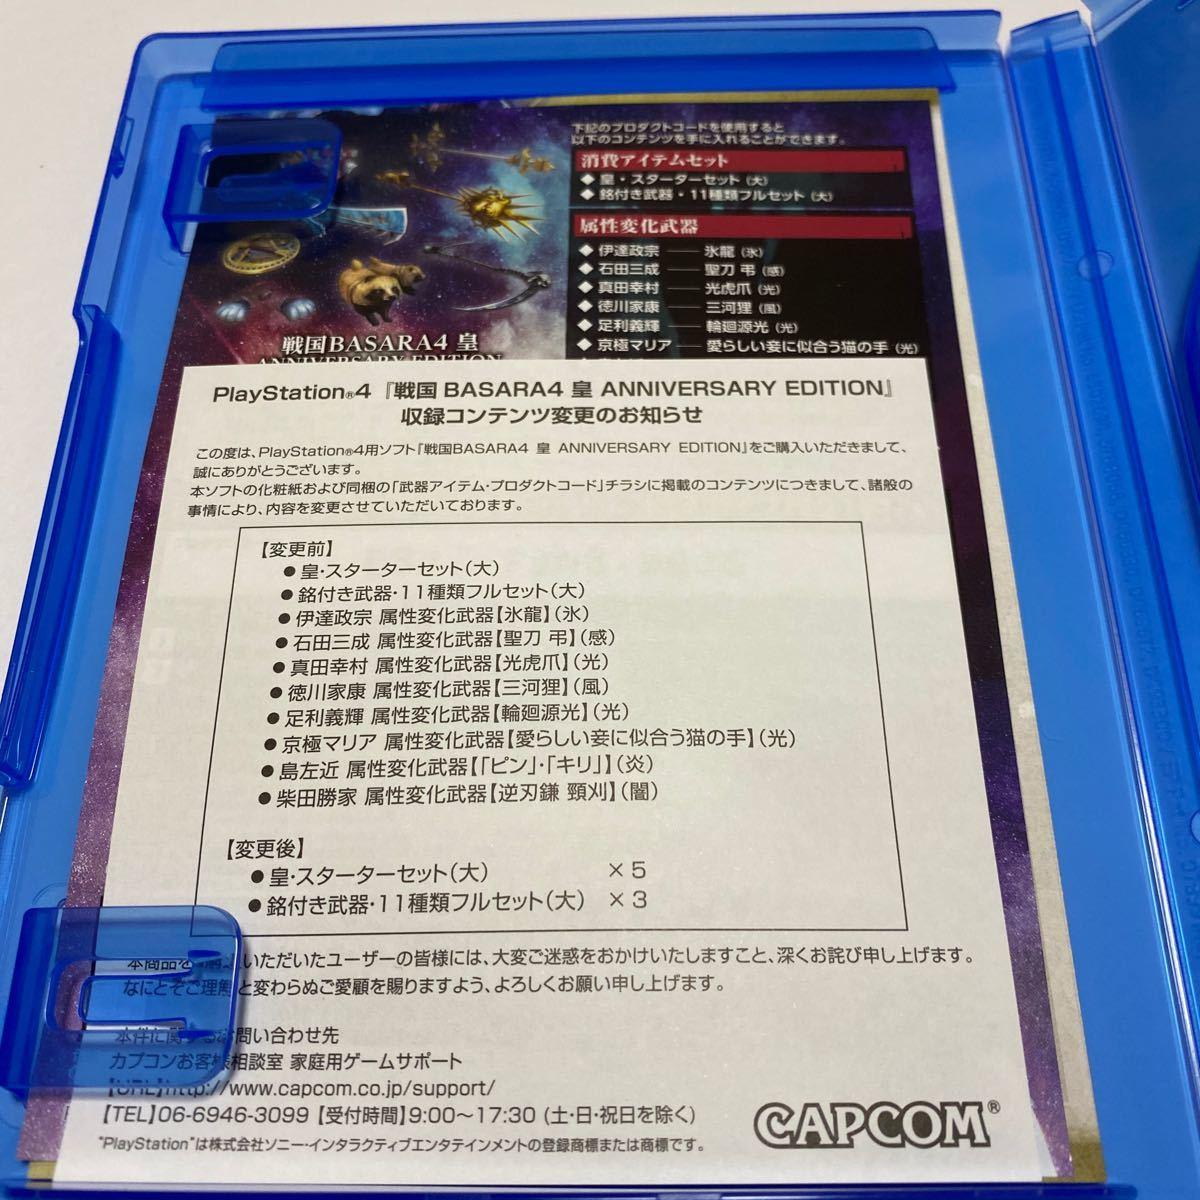 PS4  特典ブックレット付き 戦国バサラ 4 皇